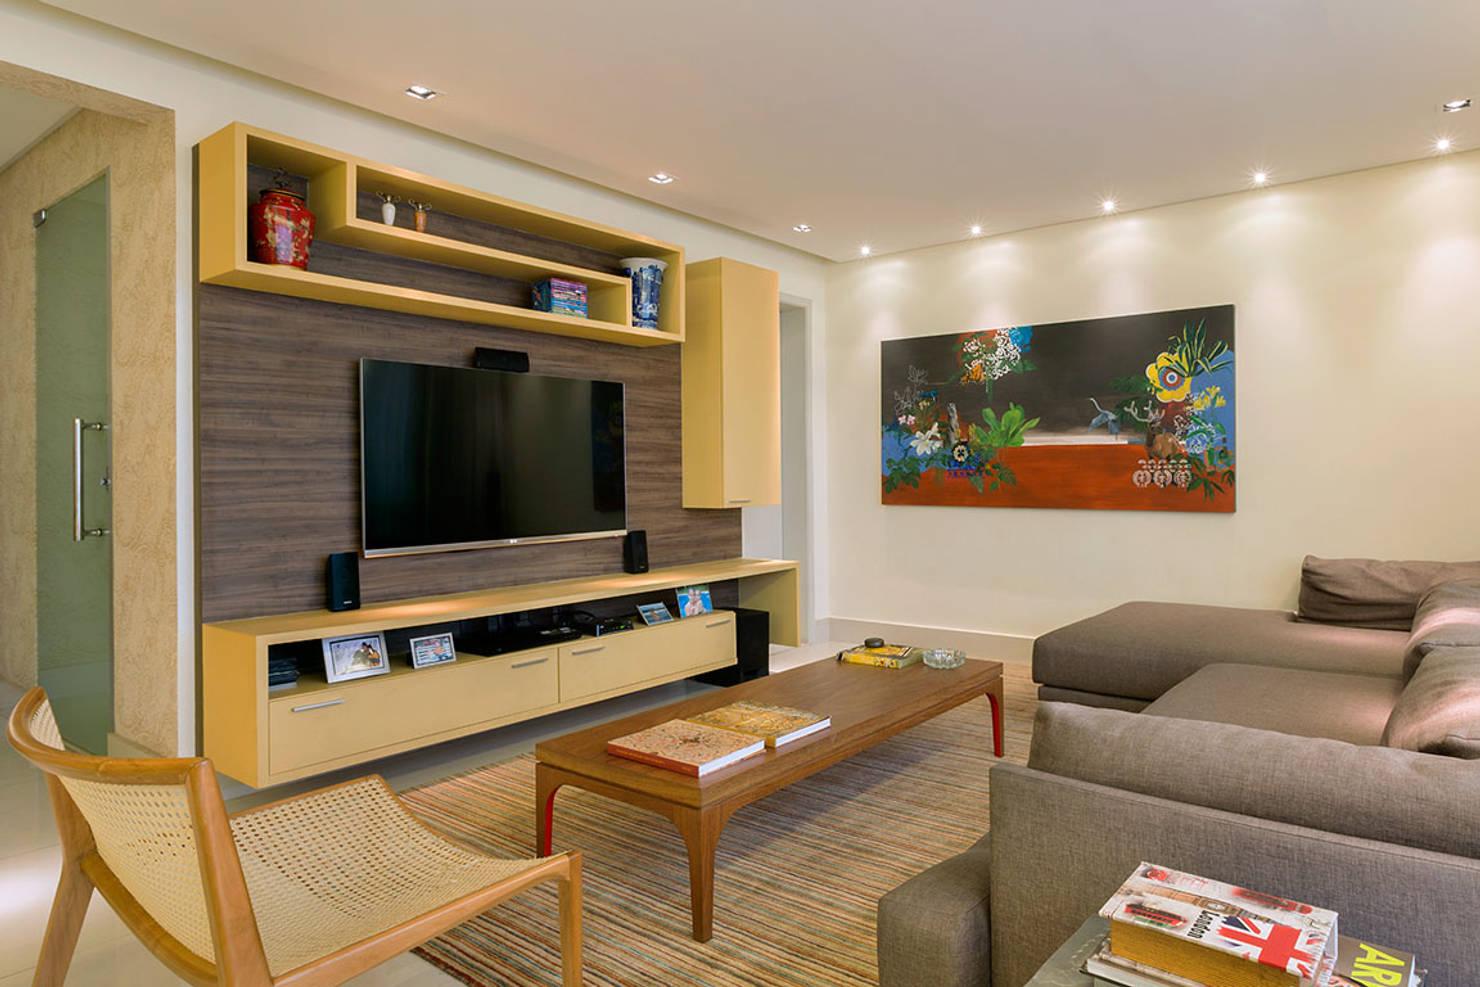 Espaços Integrados: Confira 5 Fotos De Um Apartamento Maravilhoso